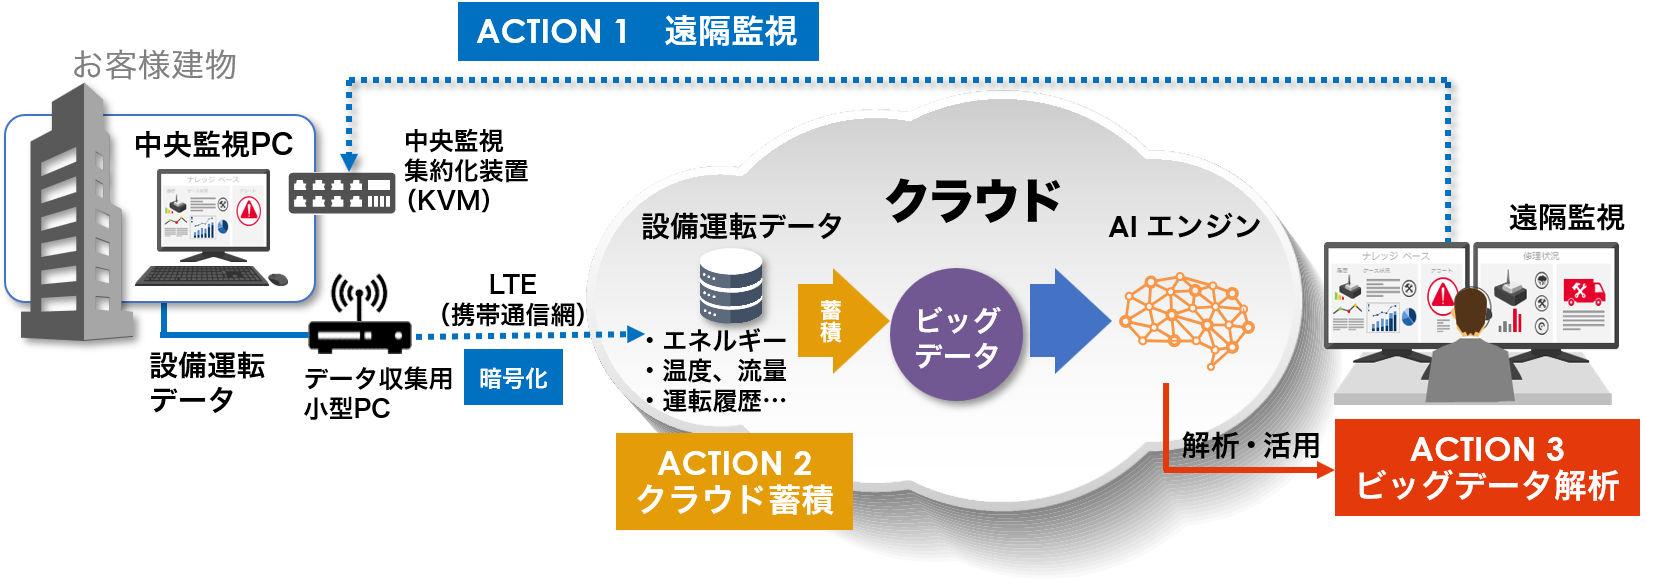 「鹿島スマートBM」のシステム構成